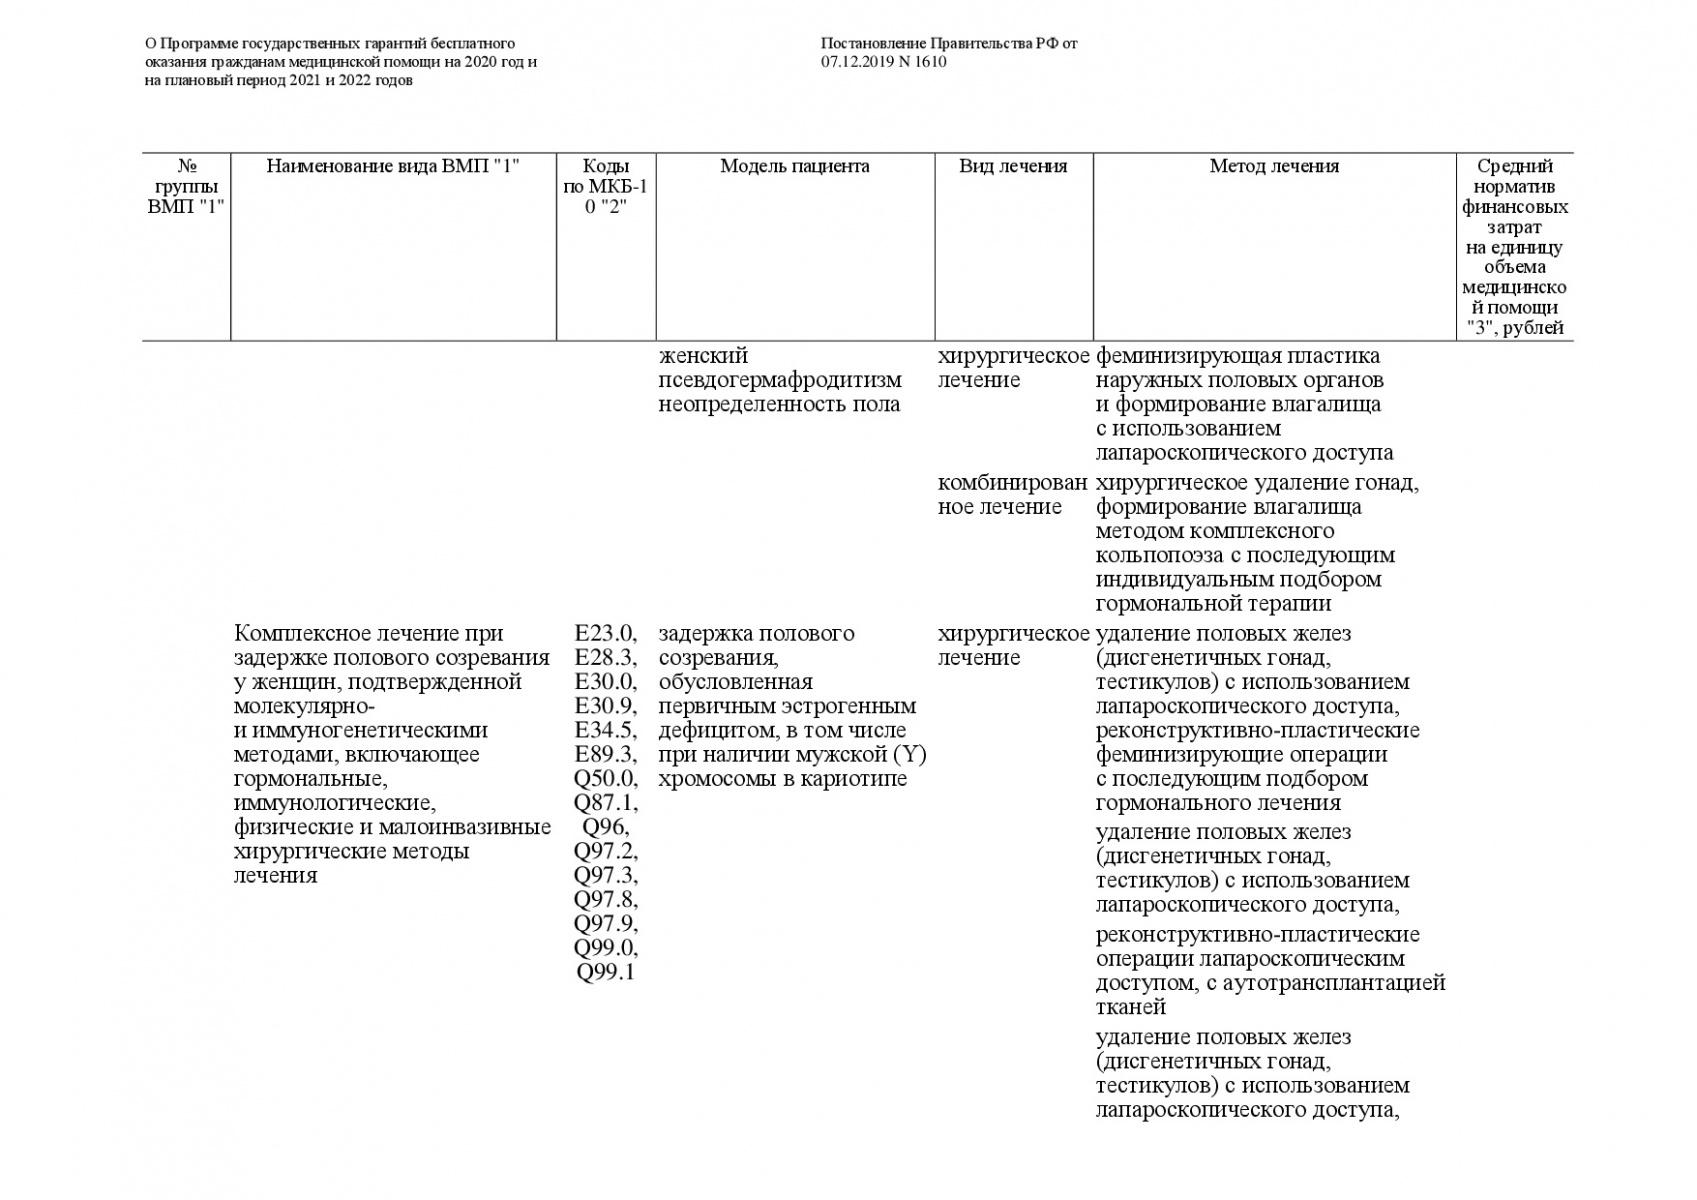 Postanovlenie-Pravitelstva-RF-ot-07_12_2019-1610-O-PGG-143